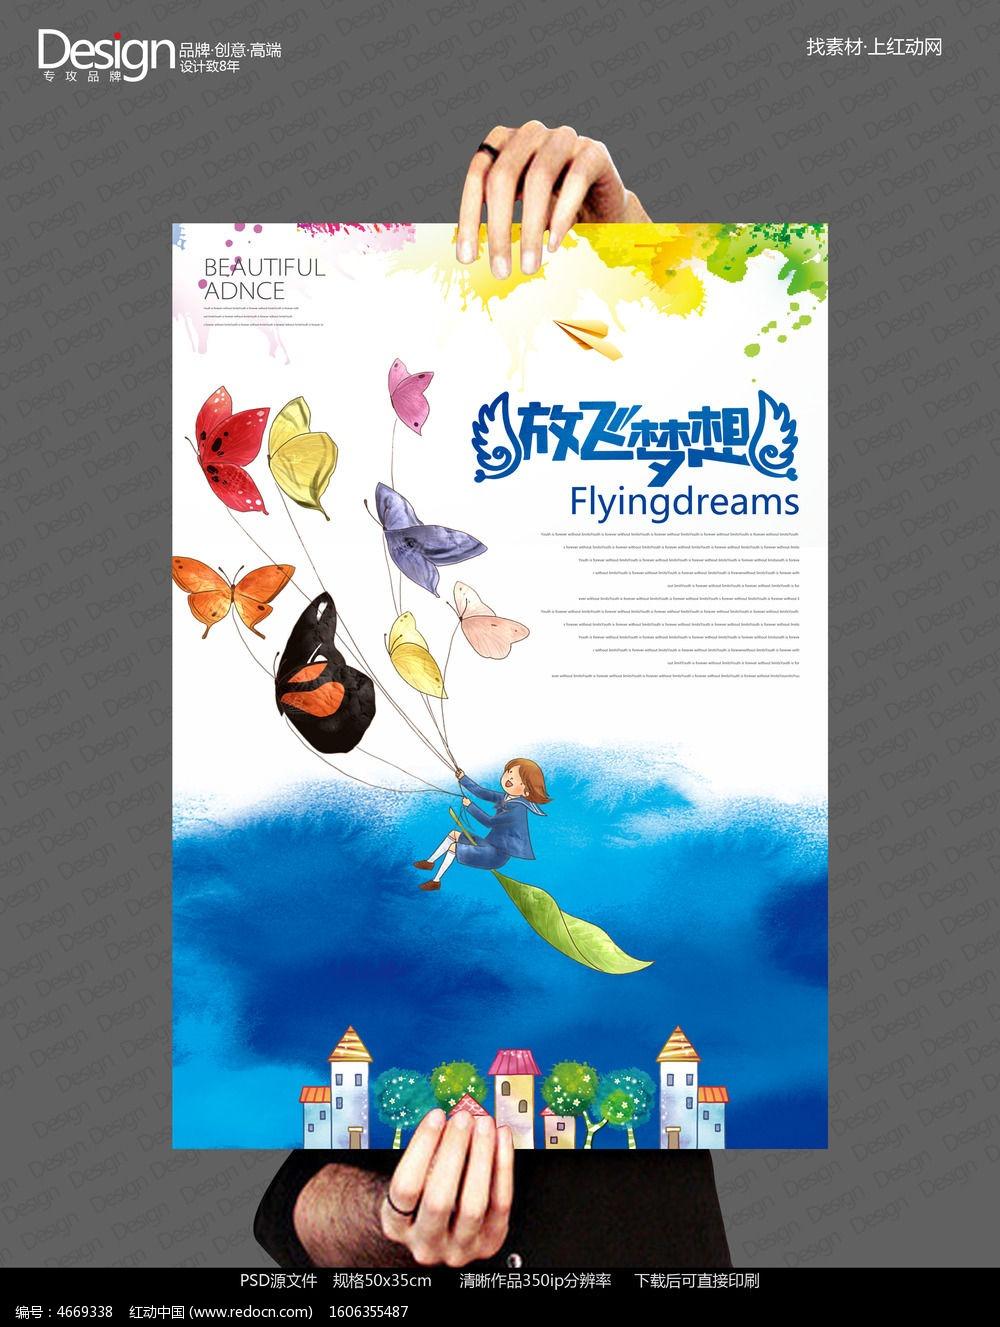 标签: 蓝色 中国蓝 毕业季海报 创意海报 放飞梦想 飞翔 飞越梦想 海报图片